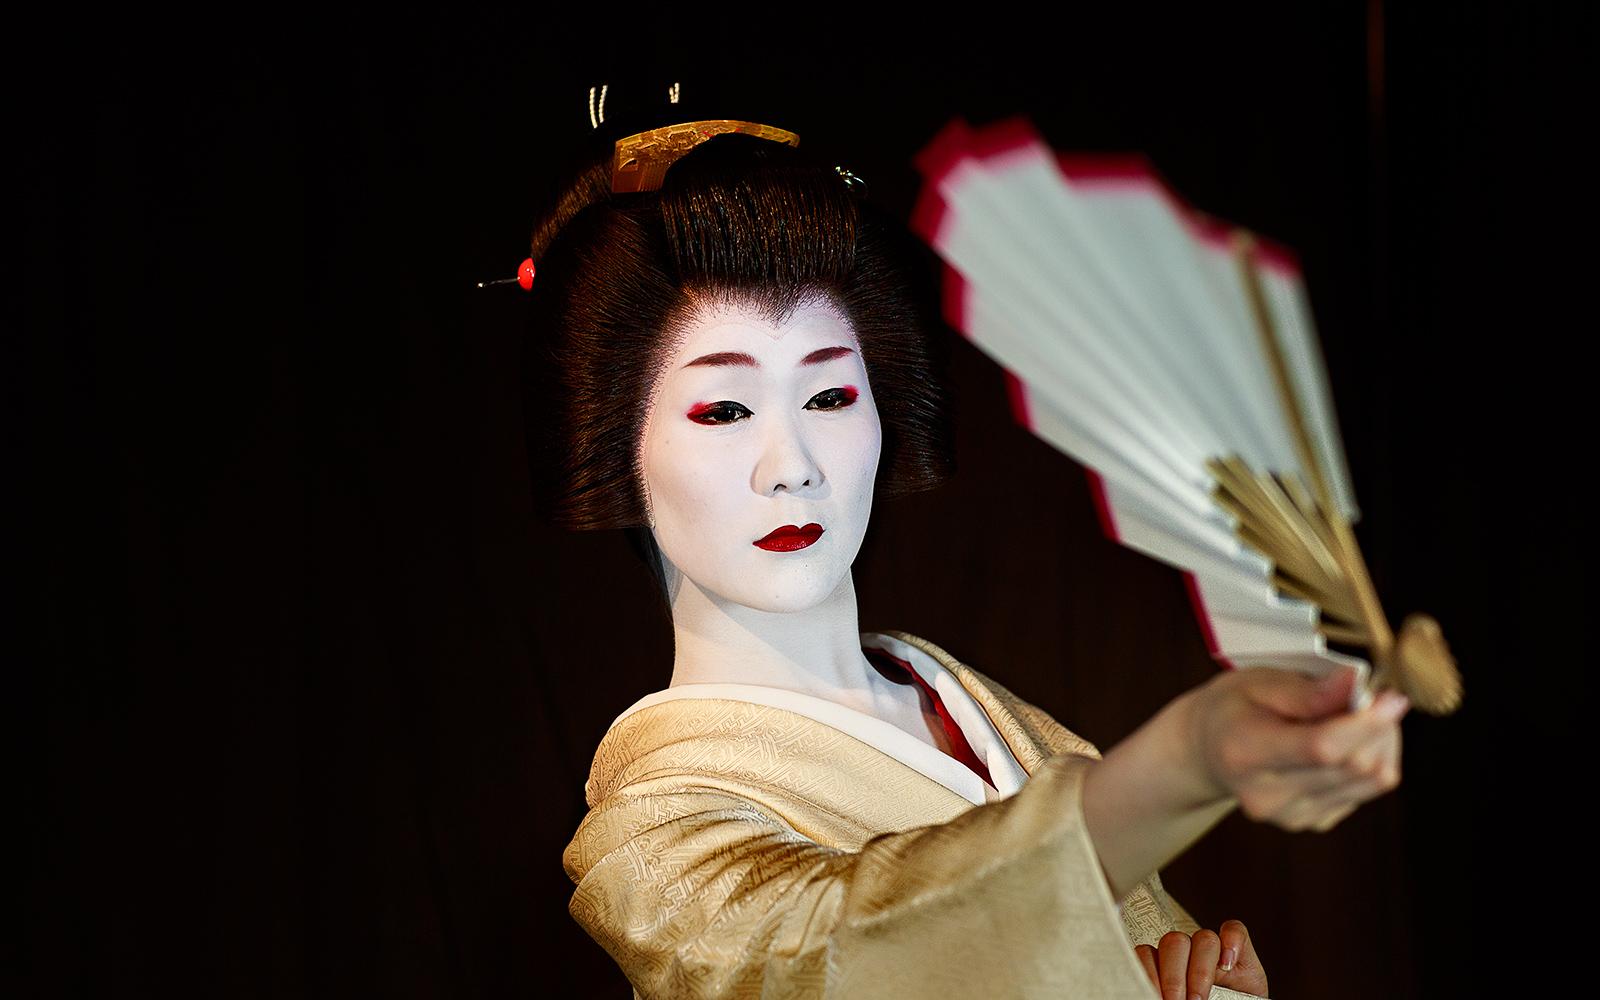 Seeing Geiko Exhibition Image 3